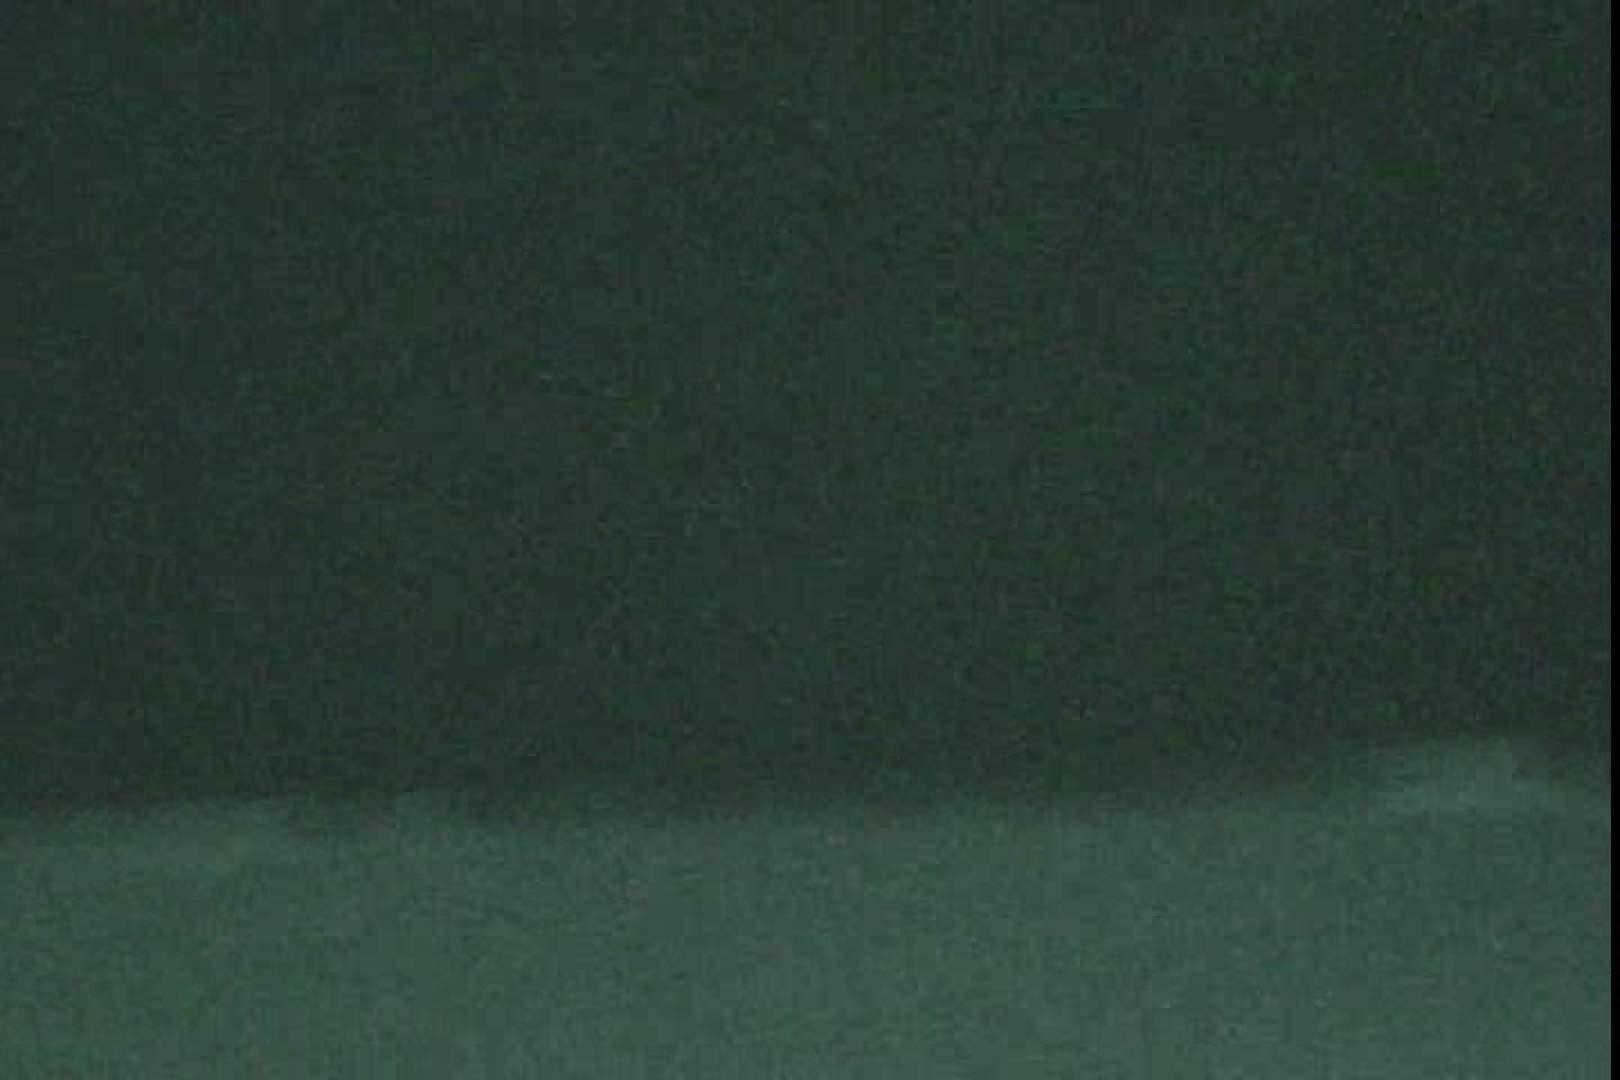 赤外線ムレスケバレー(汗) vol.05 赤外線 | OLのエロ生活  58連発 19